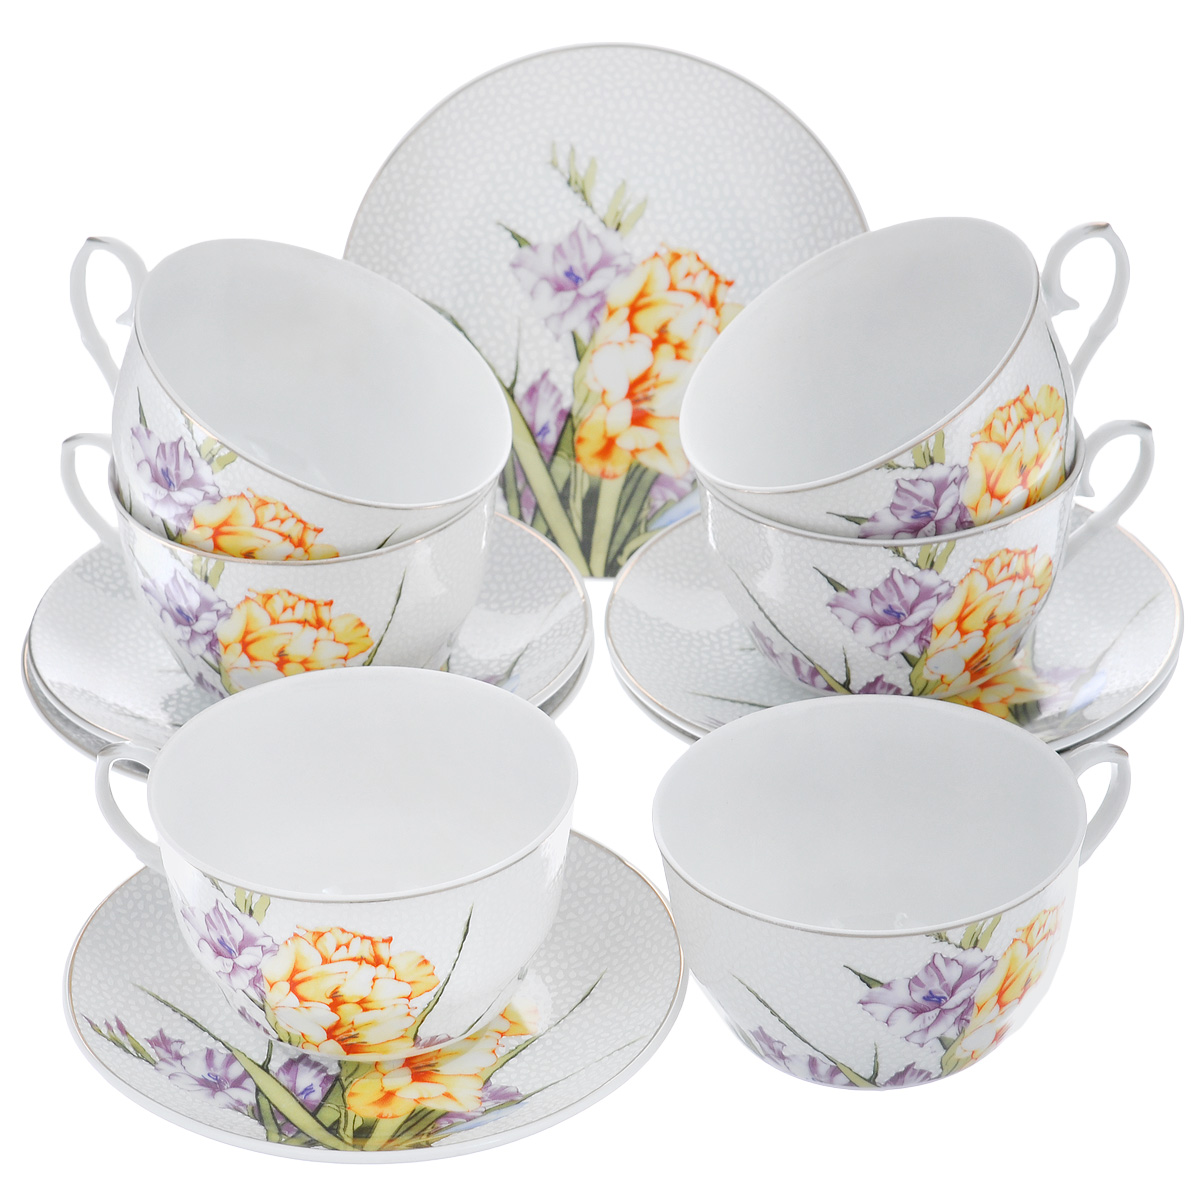 Набор чайный Briswild Цветочный унисон, 12 предметов набор чайный briswild цветы мака 6 предметов